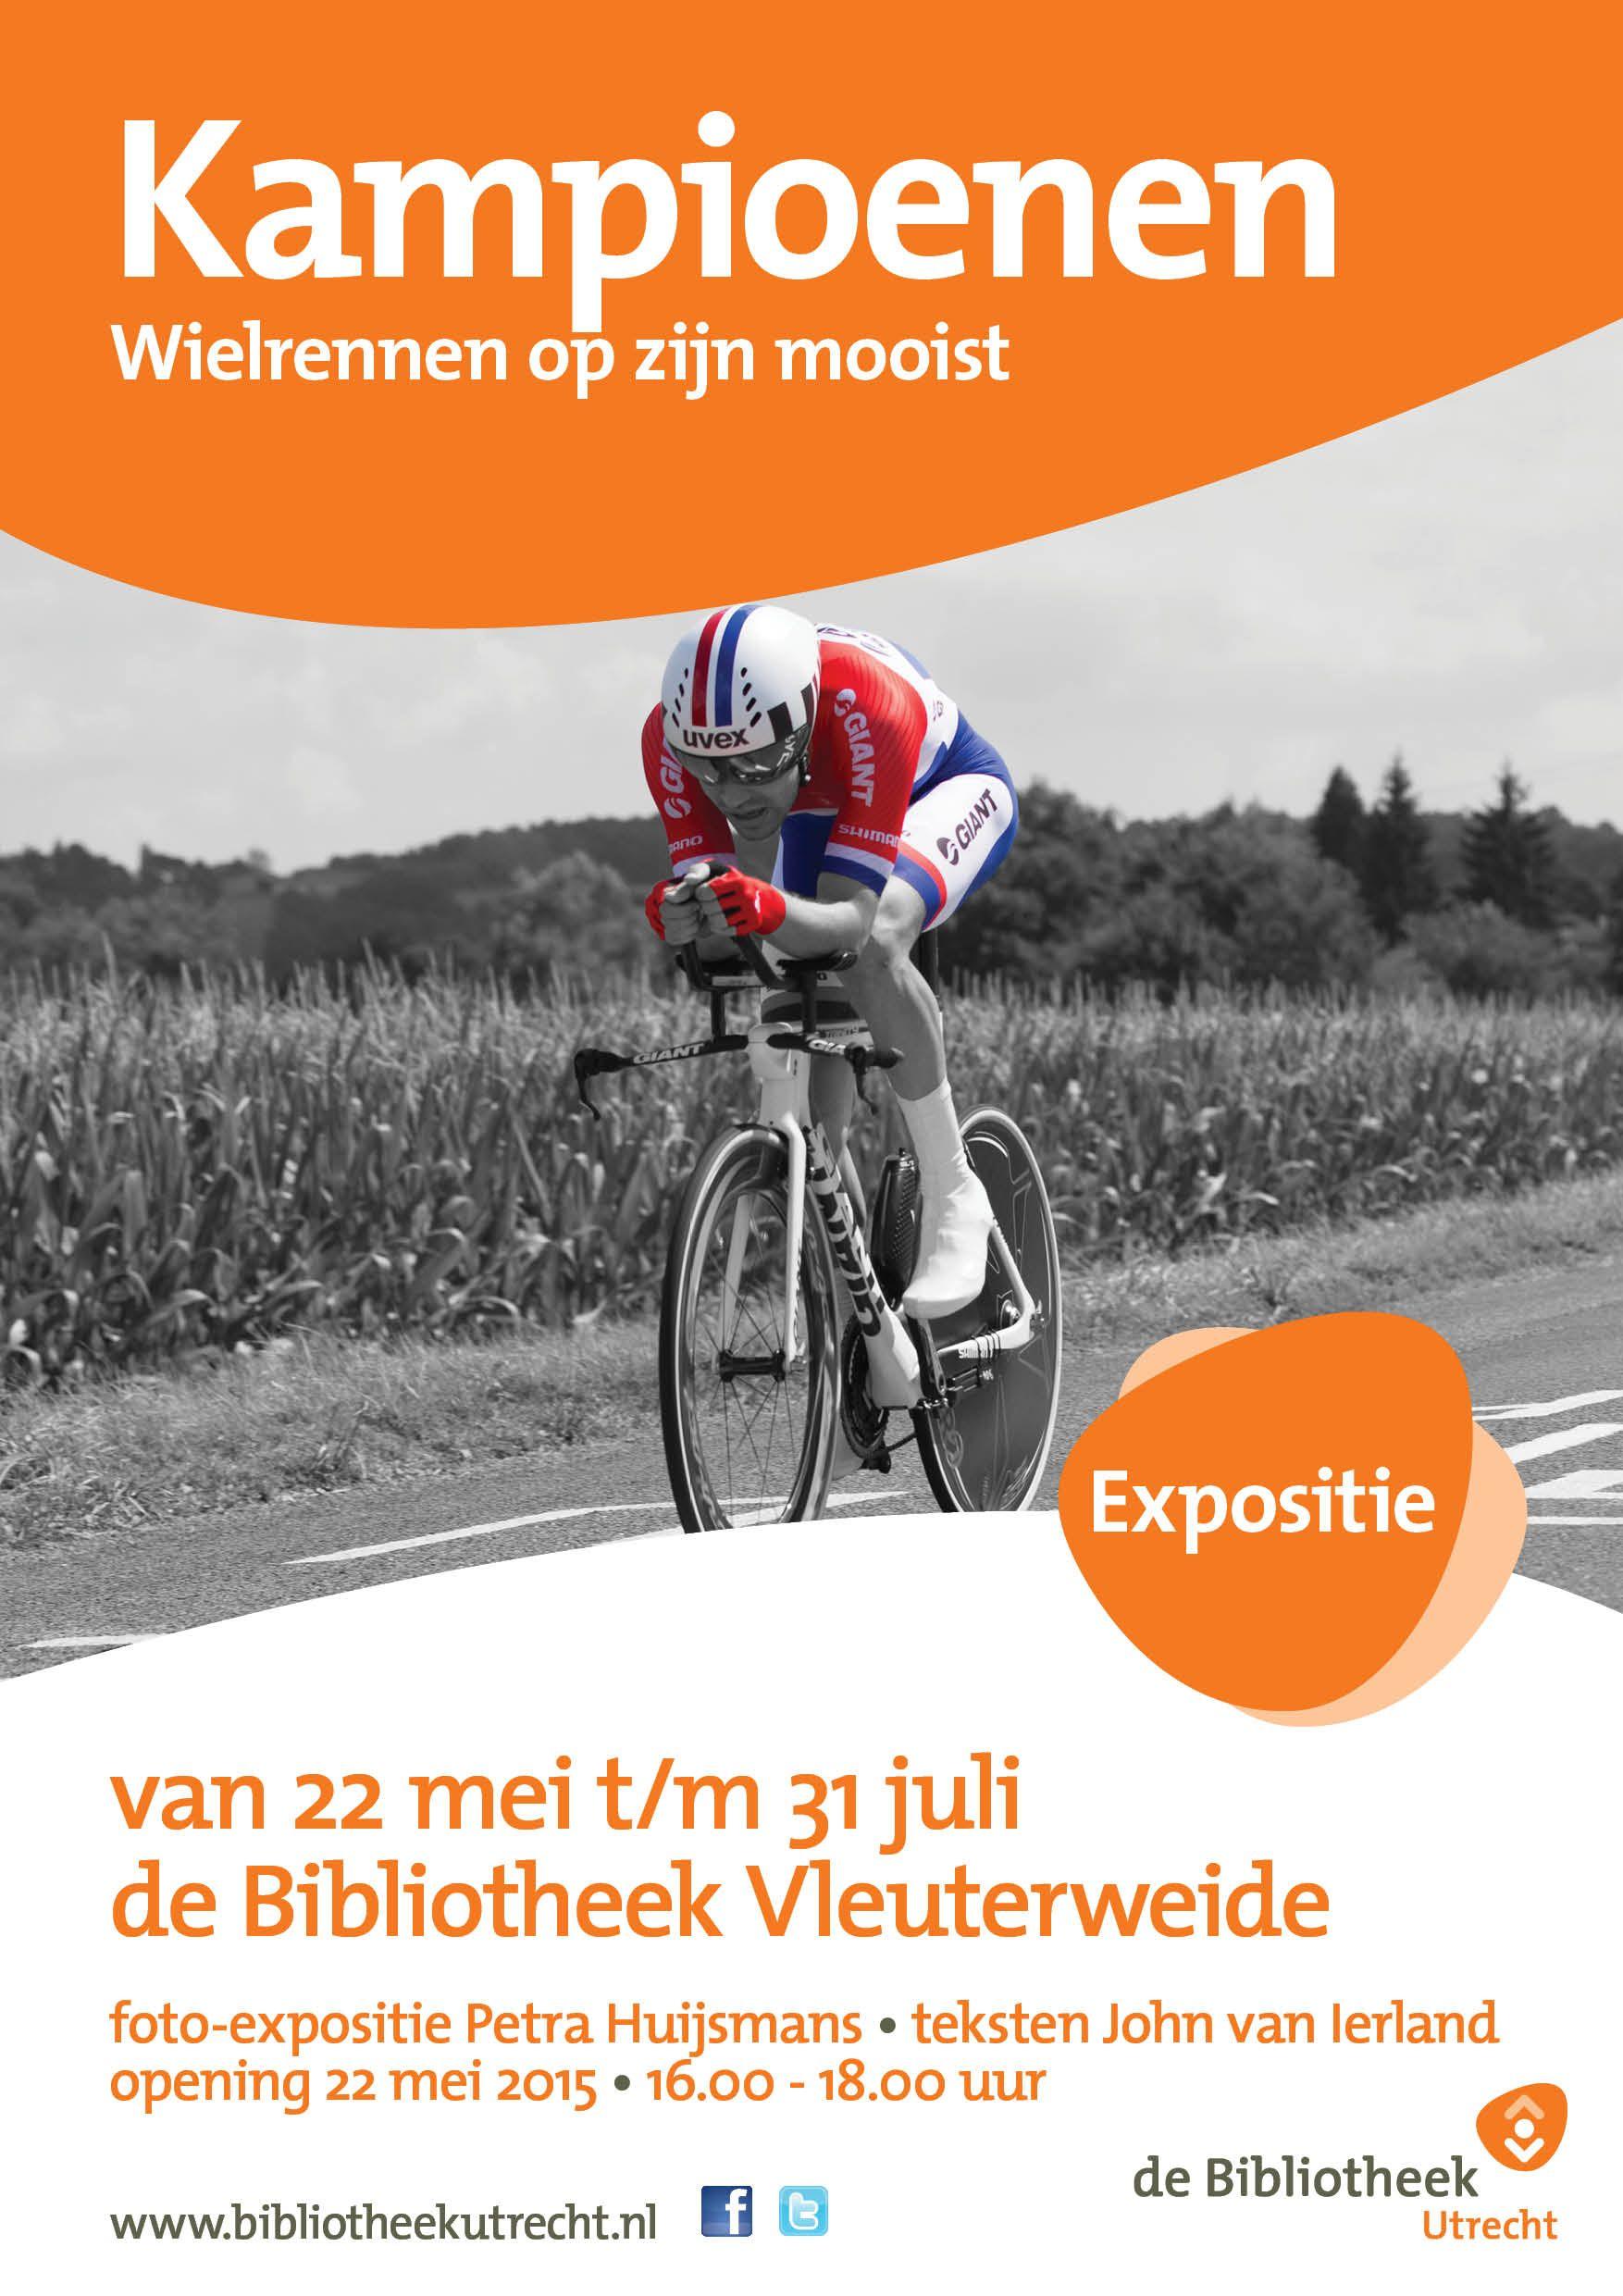 #expositie #wielrennen